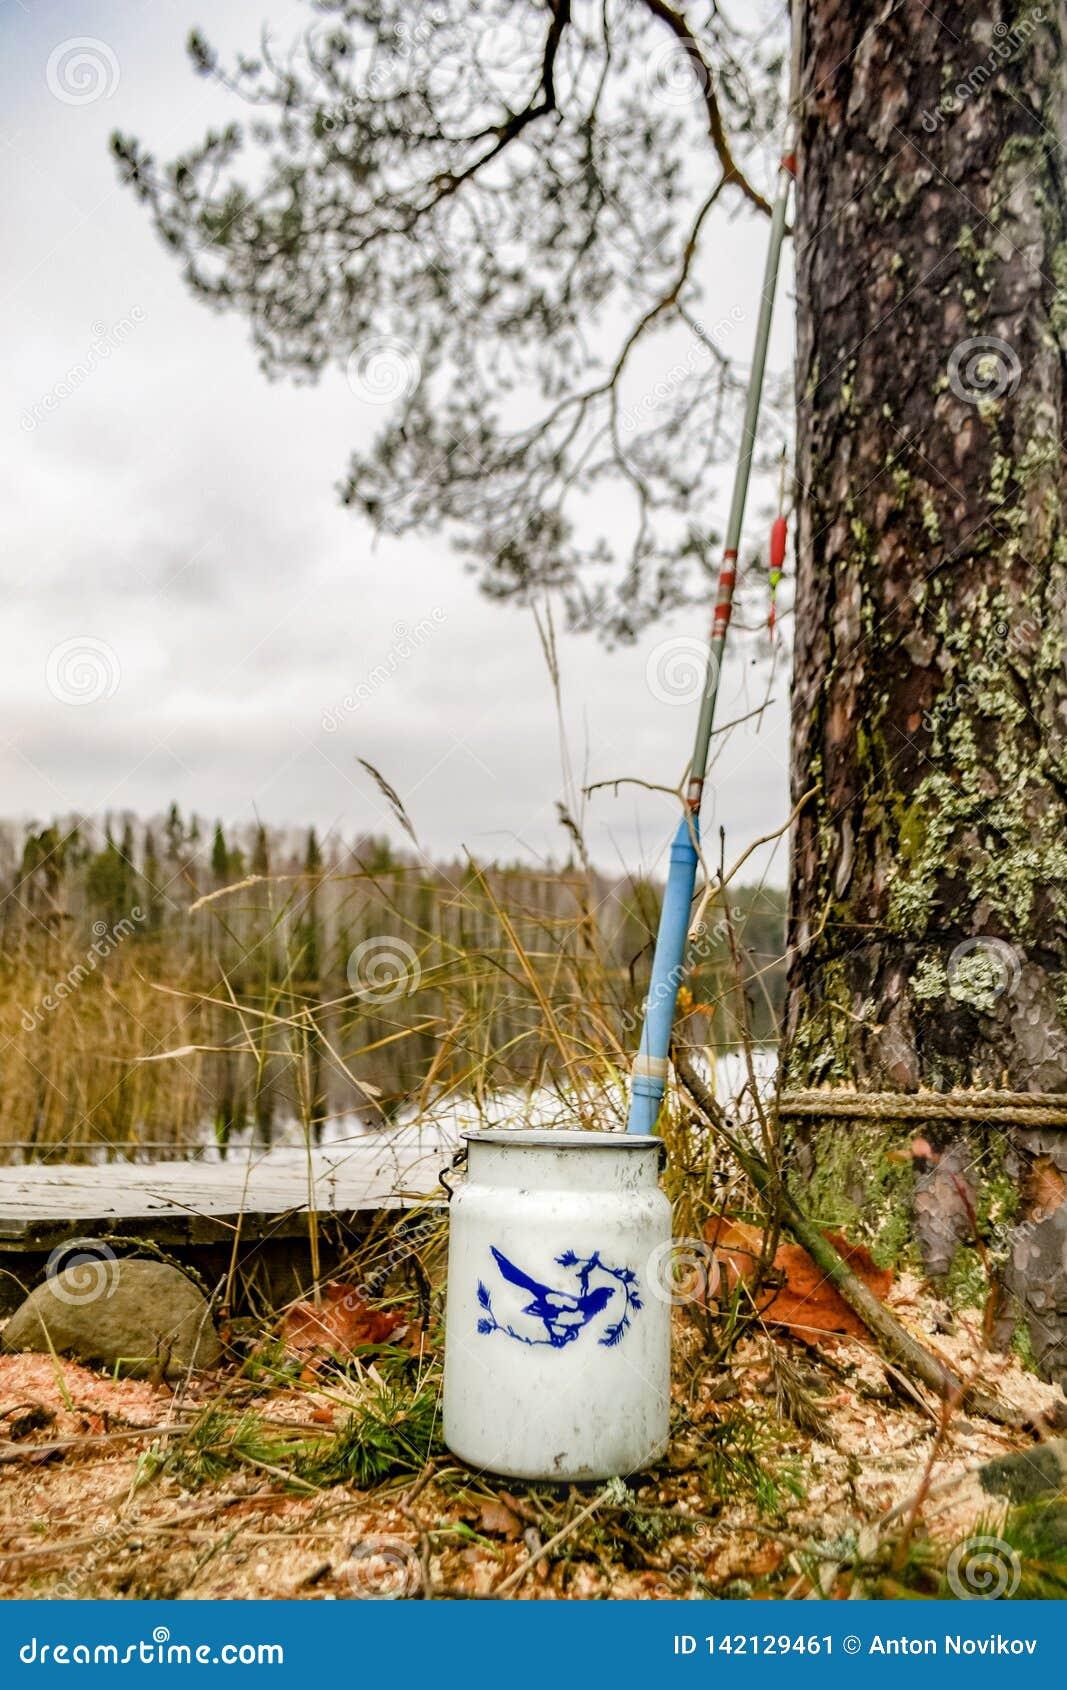 Рыболовная удочка и консервная банка молока на побережье дикого озера